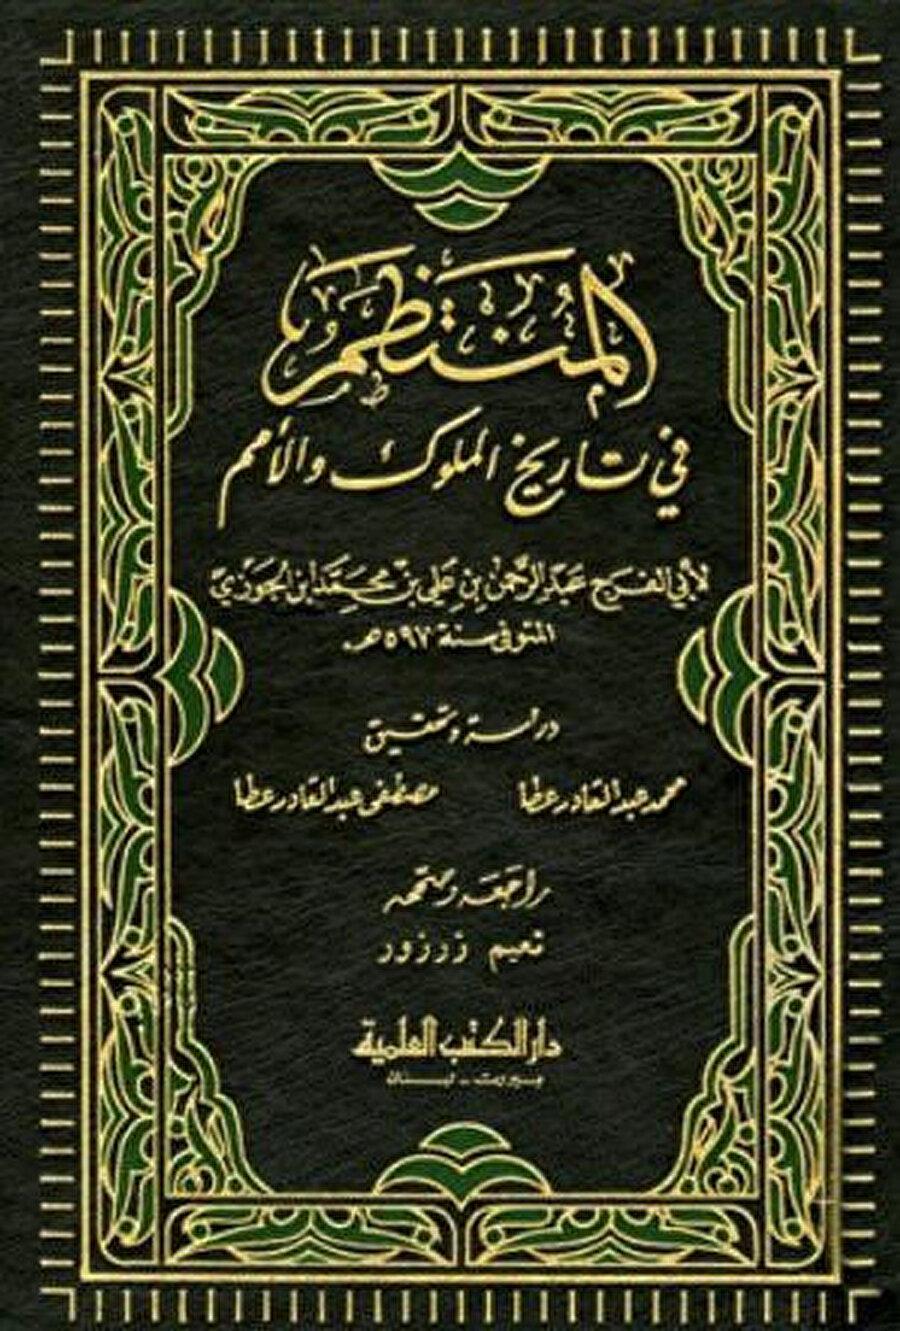 İbnü'l-Cevzî'nin el-Muntazam fî târîhi'l-mülûk ve'l-ümem adlı genel tarihinin kapağı. el-Muntazam, Nizâmülmülk'e ilişkin bilgi veren en eski eserlerden biridir